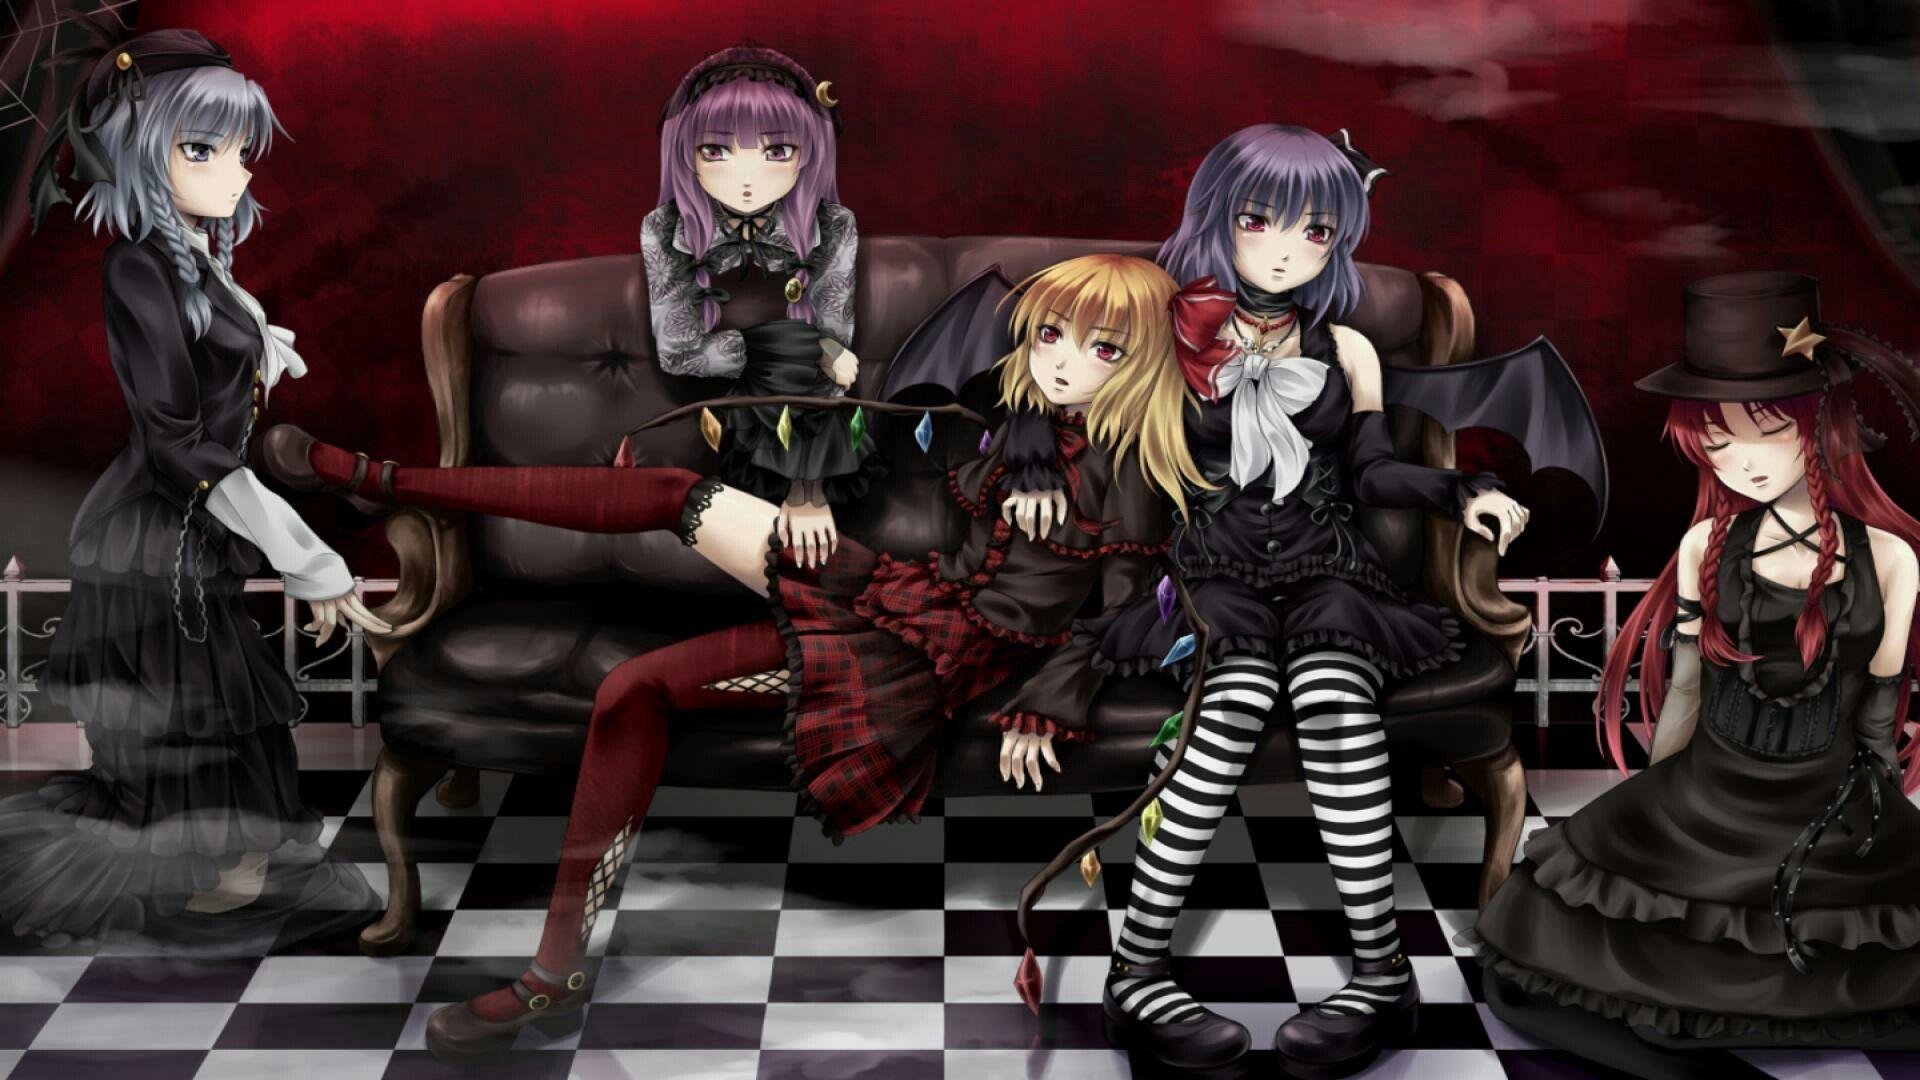 Anime Gothic Girls Gothic Anime Anime Background Anime